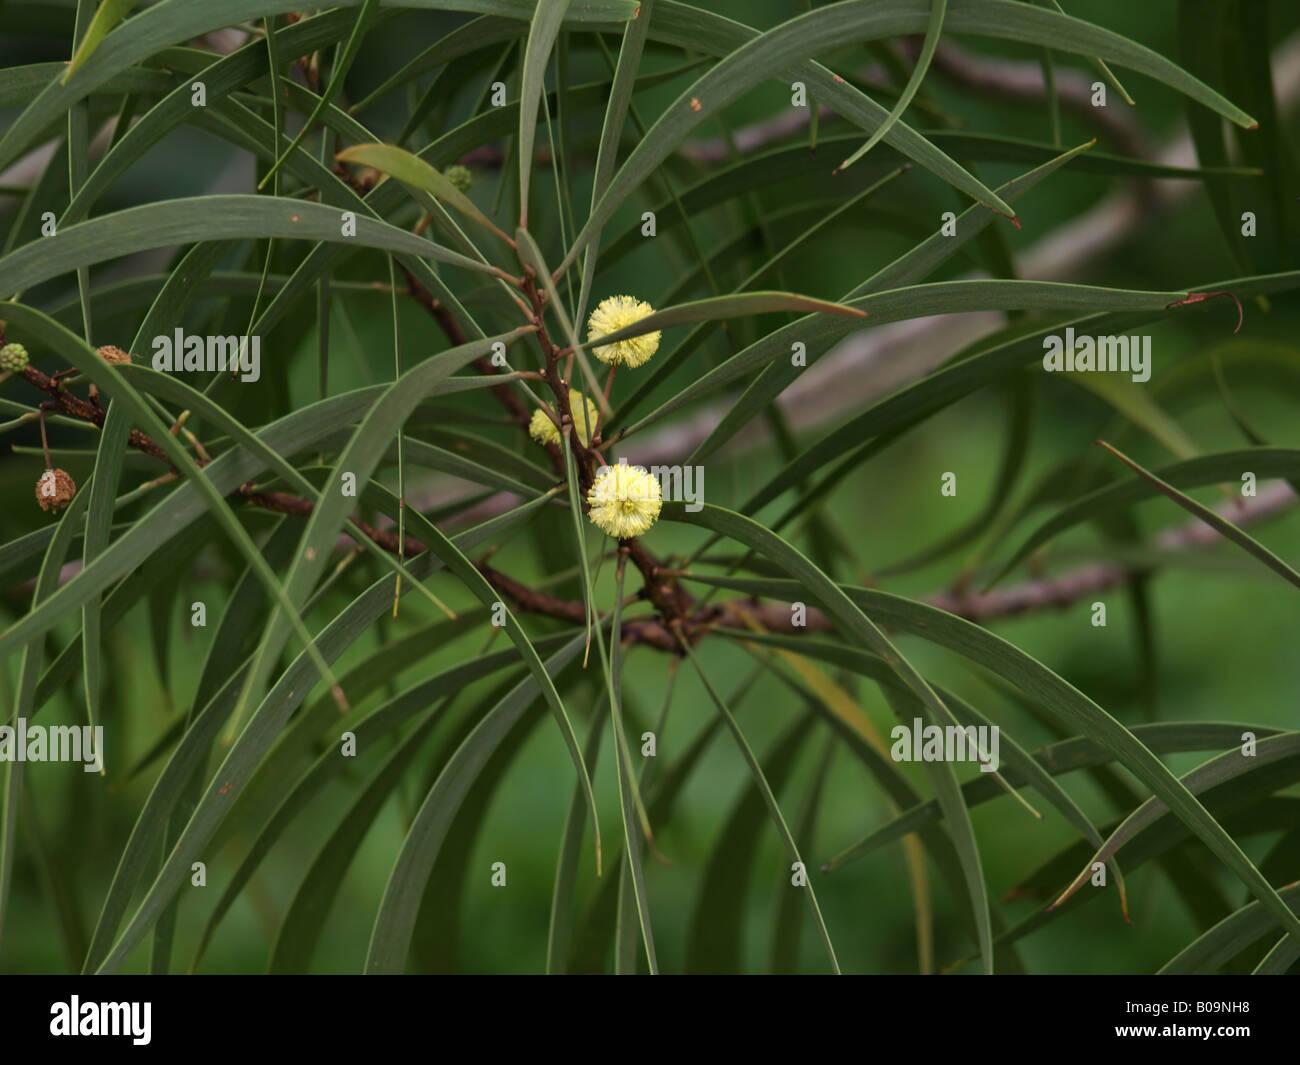 Koa tree stock photos koa tree stock images alamy hawaiian koa flowers acacia tree stock image izmirmasajfo Images